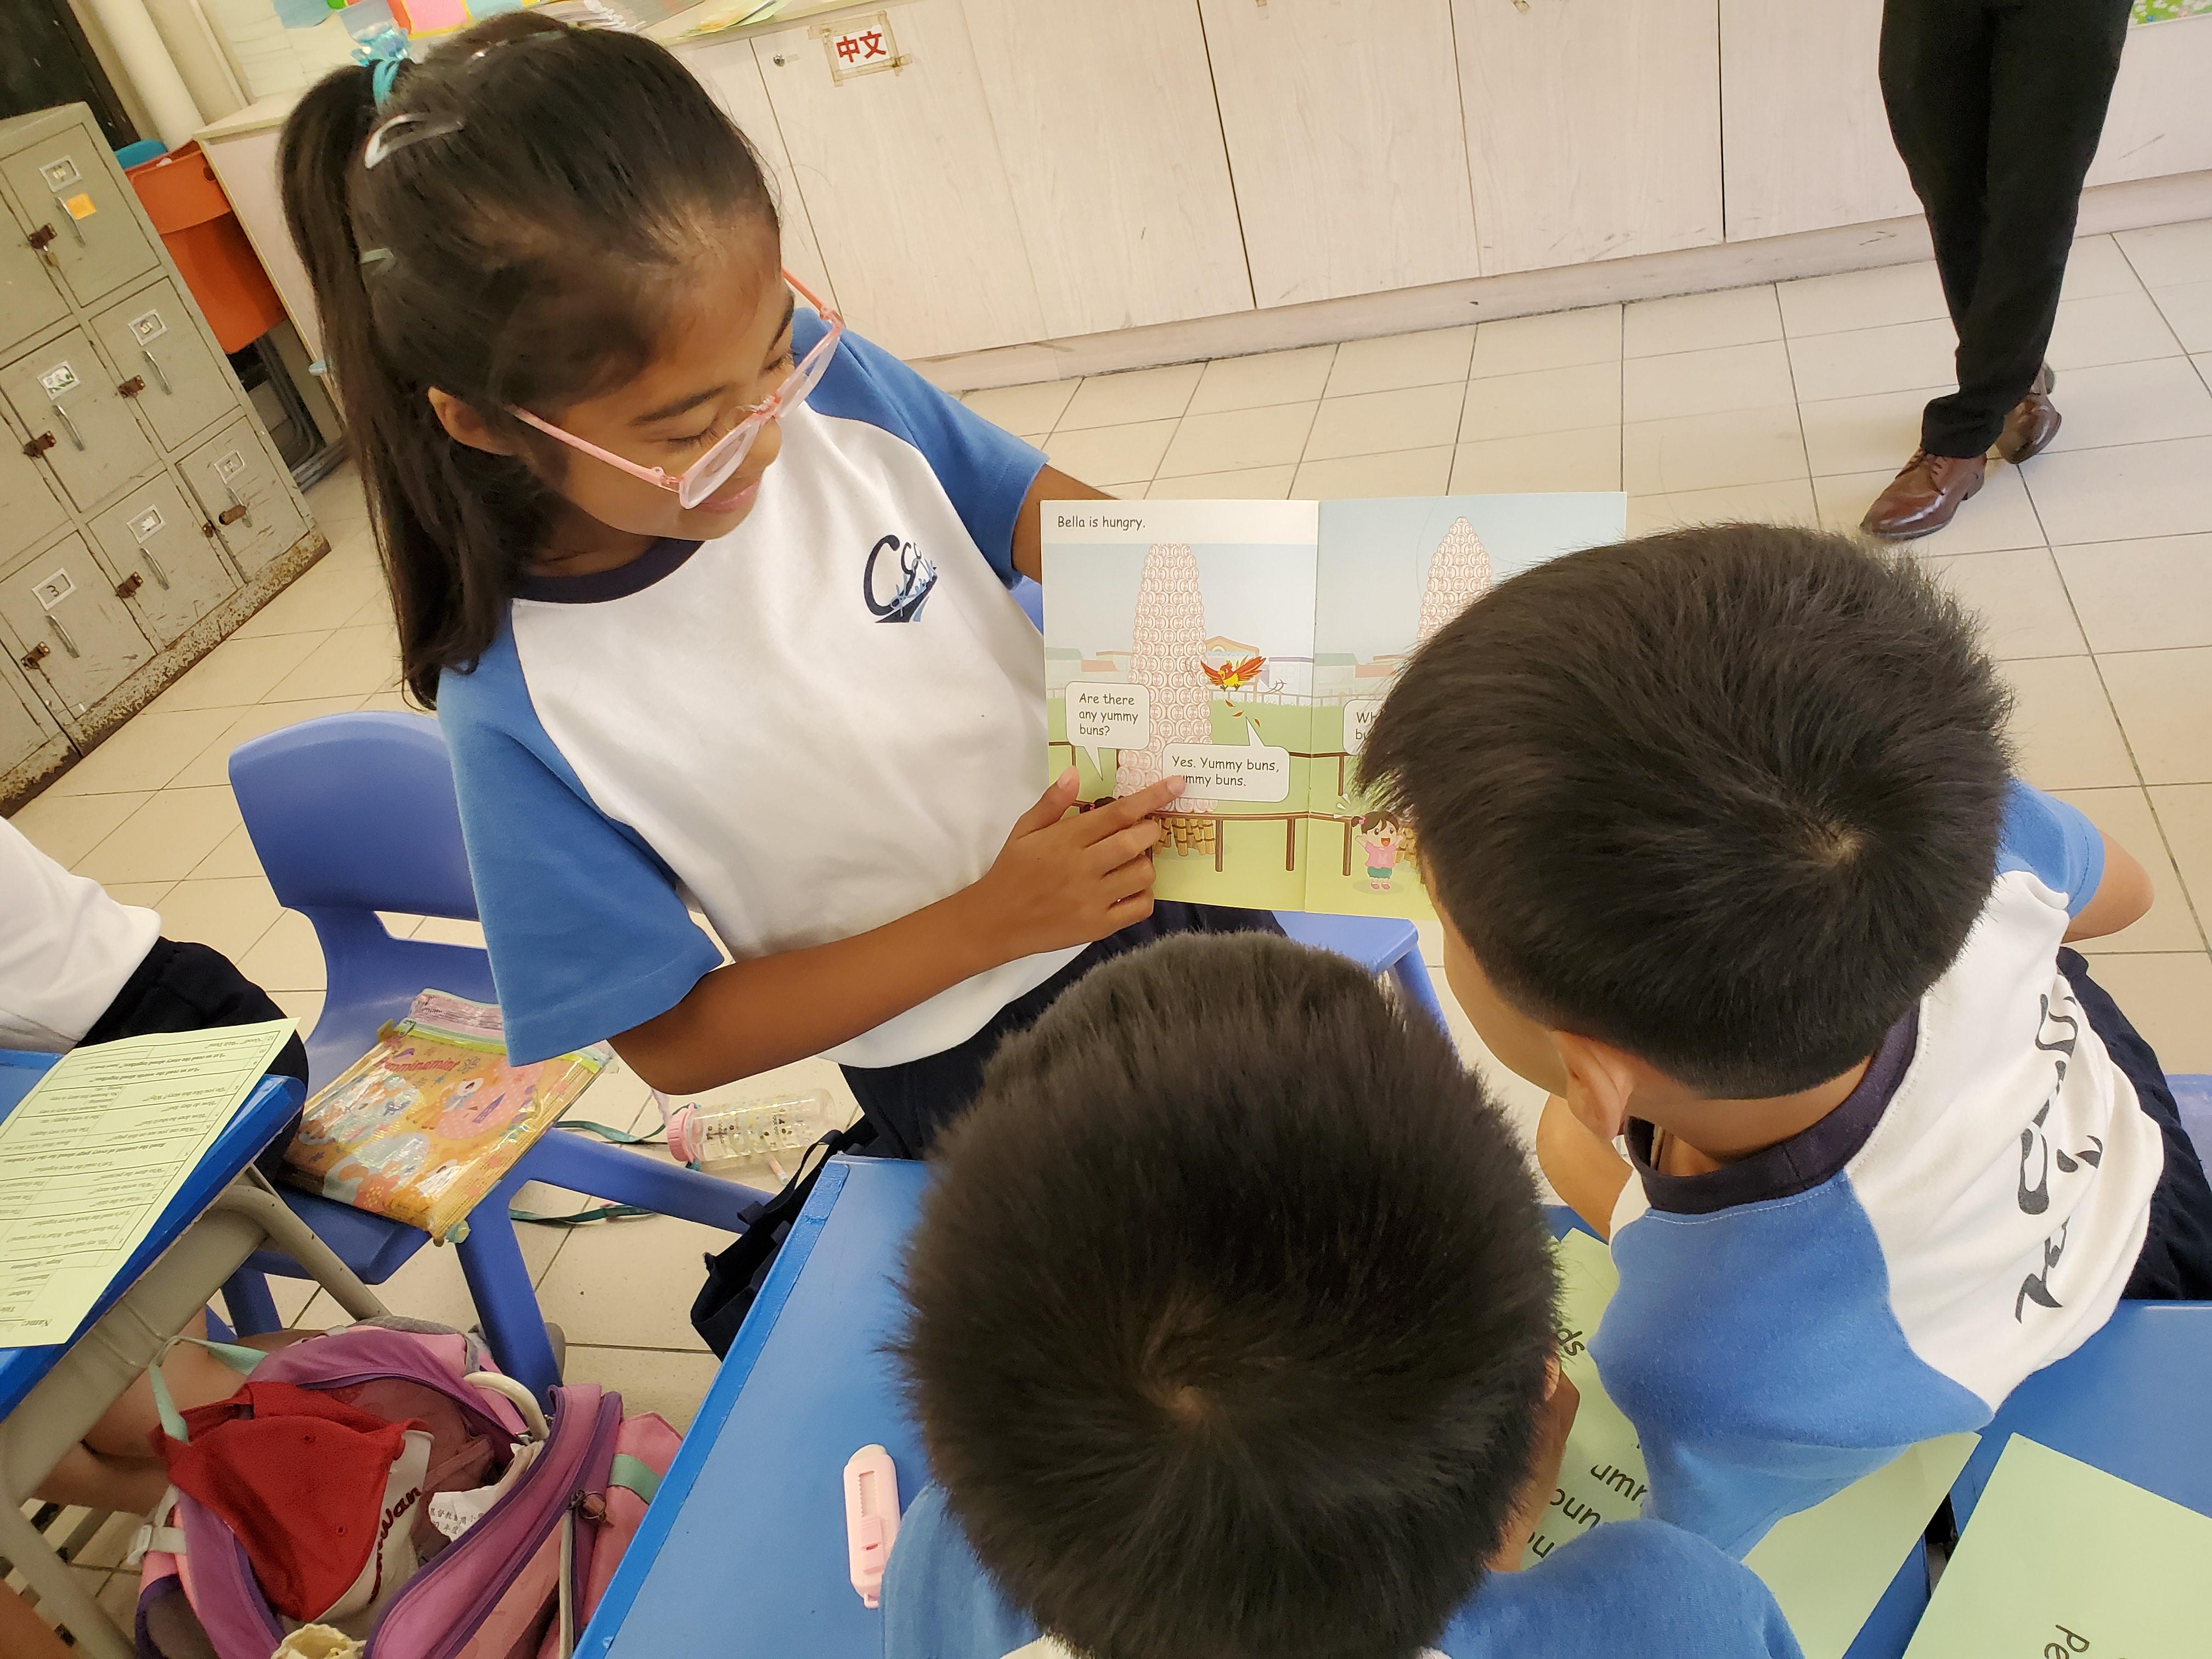 http://www.keiwan.edu.hk/sites/default/files/35_1.jpg